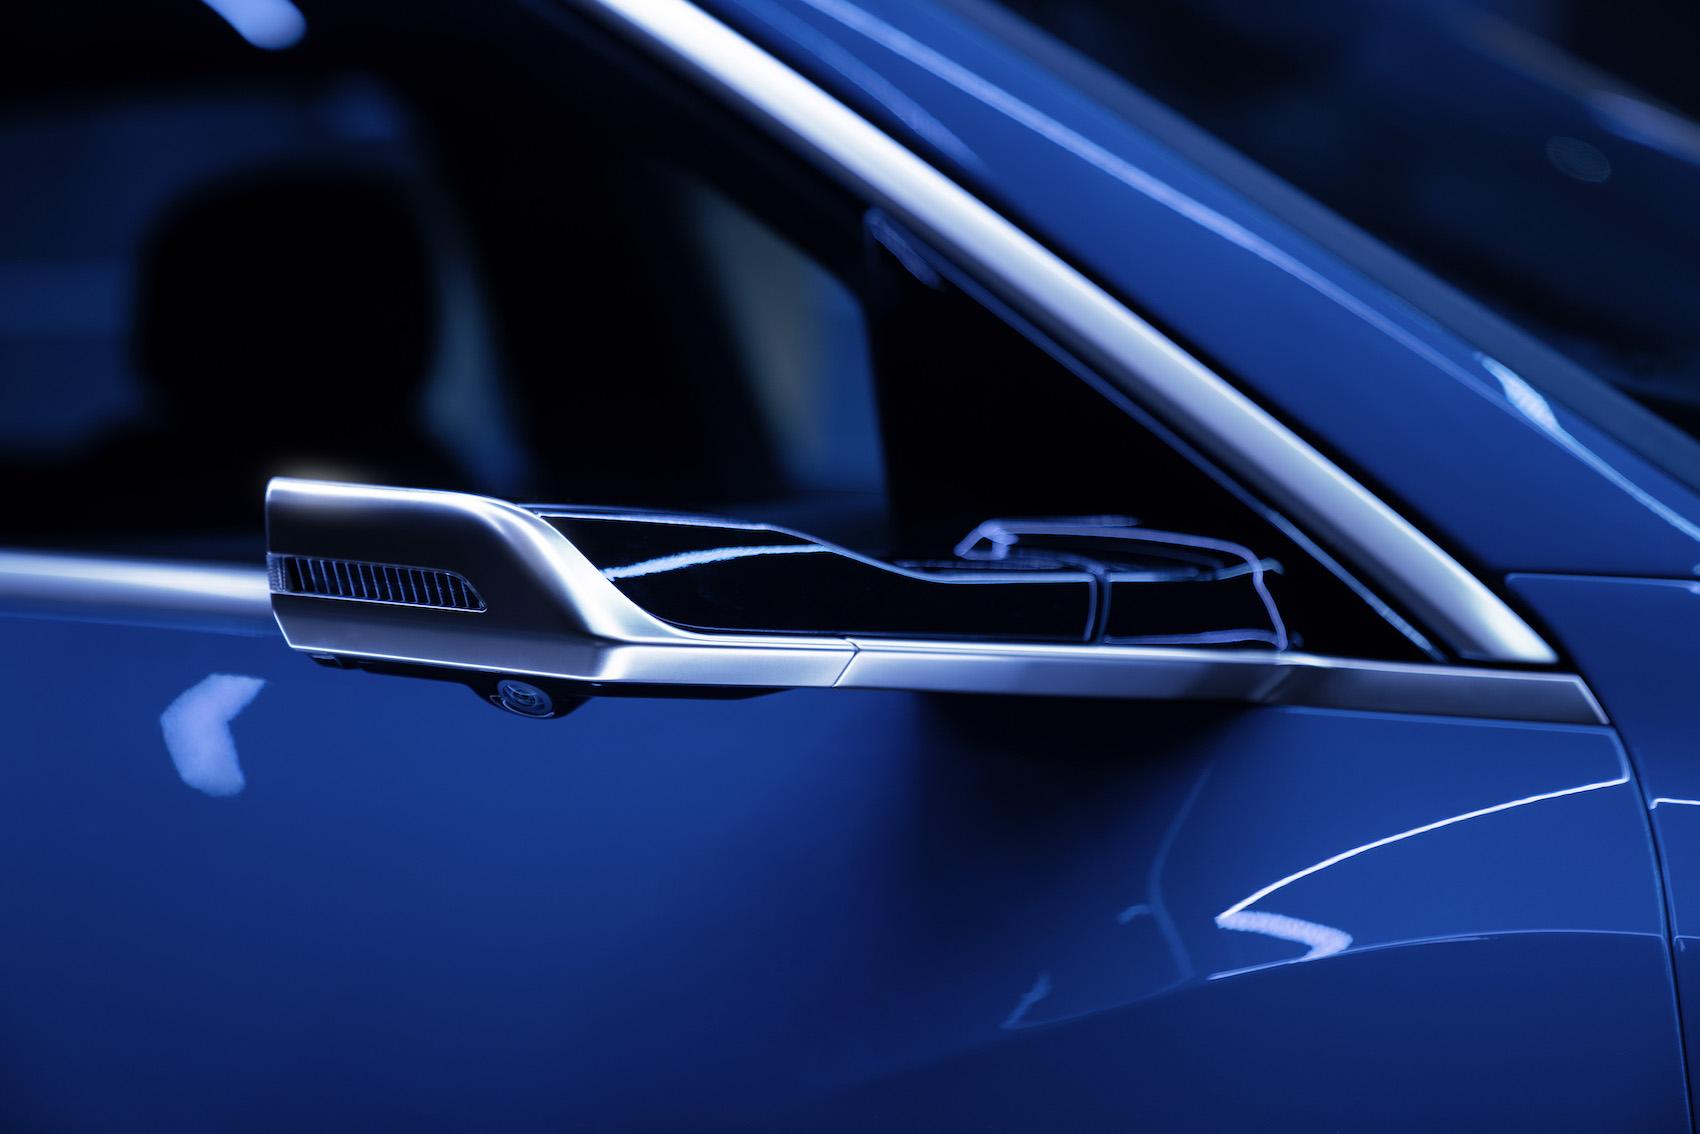 La raffinata aerodinamica comprende gli specchietti esterni virtuali, disponibili in opzione.